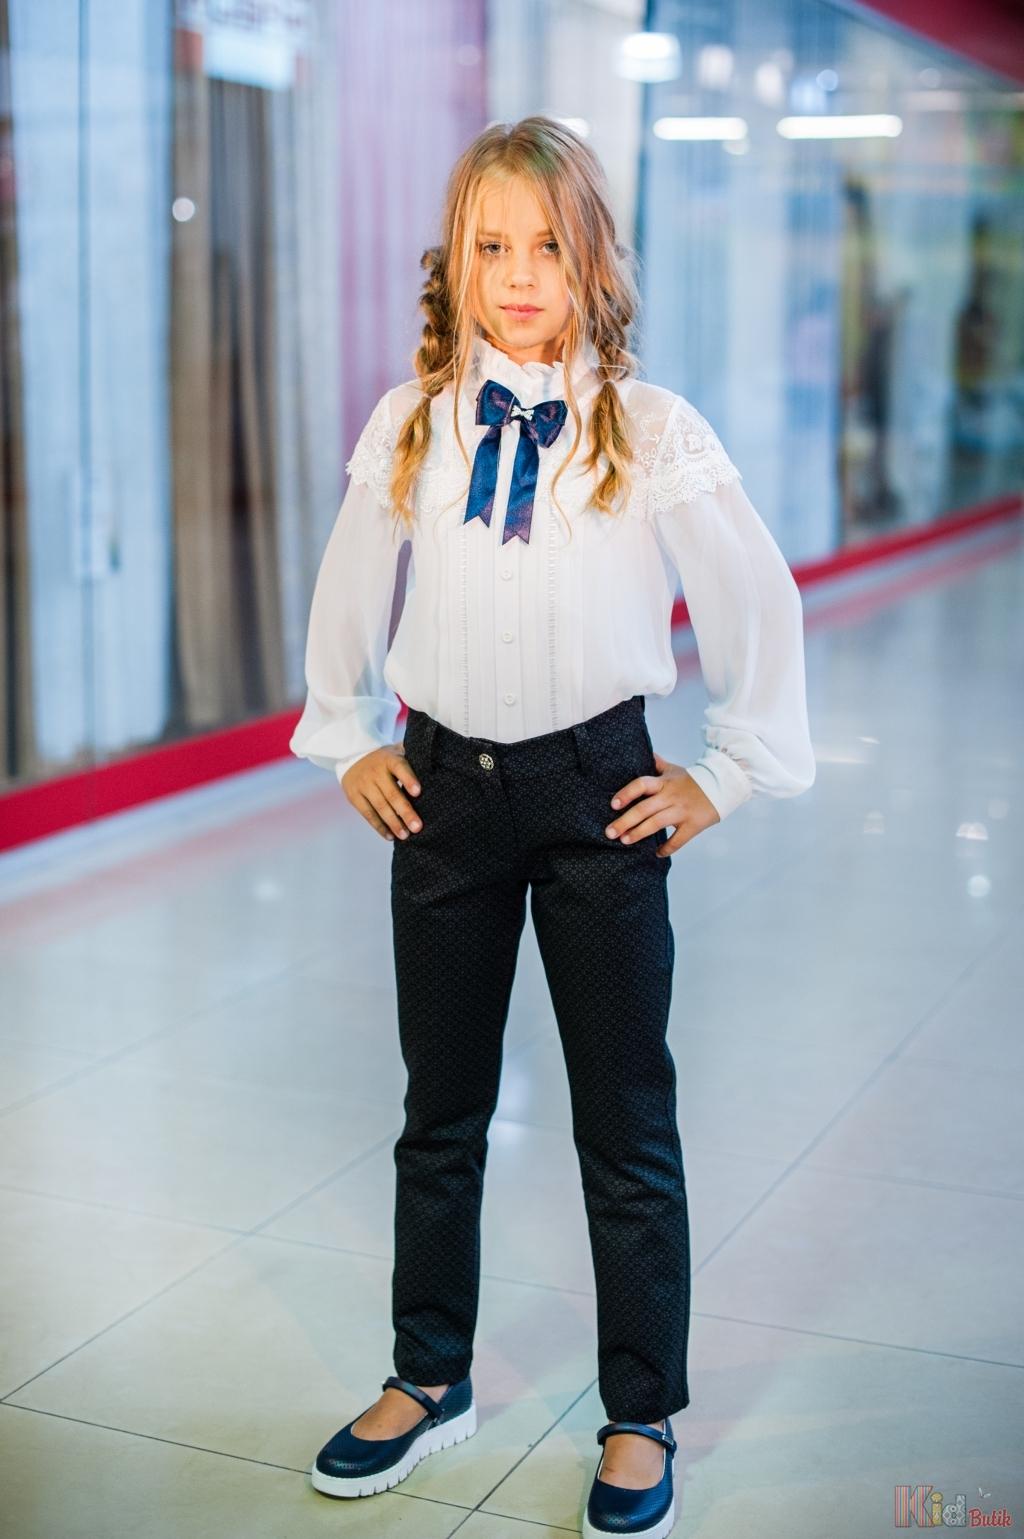 ᐈ Шкільні брюки для дівчаток купити в інтернет магазині KidButik™ ➔ Вигідна  ціна! Шкільні брюки для дівчаток з доставкою по Україні def95cc434119